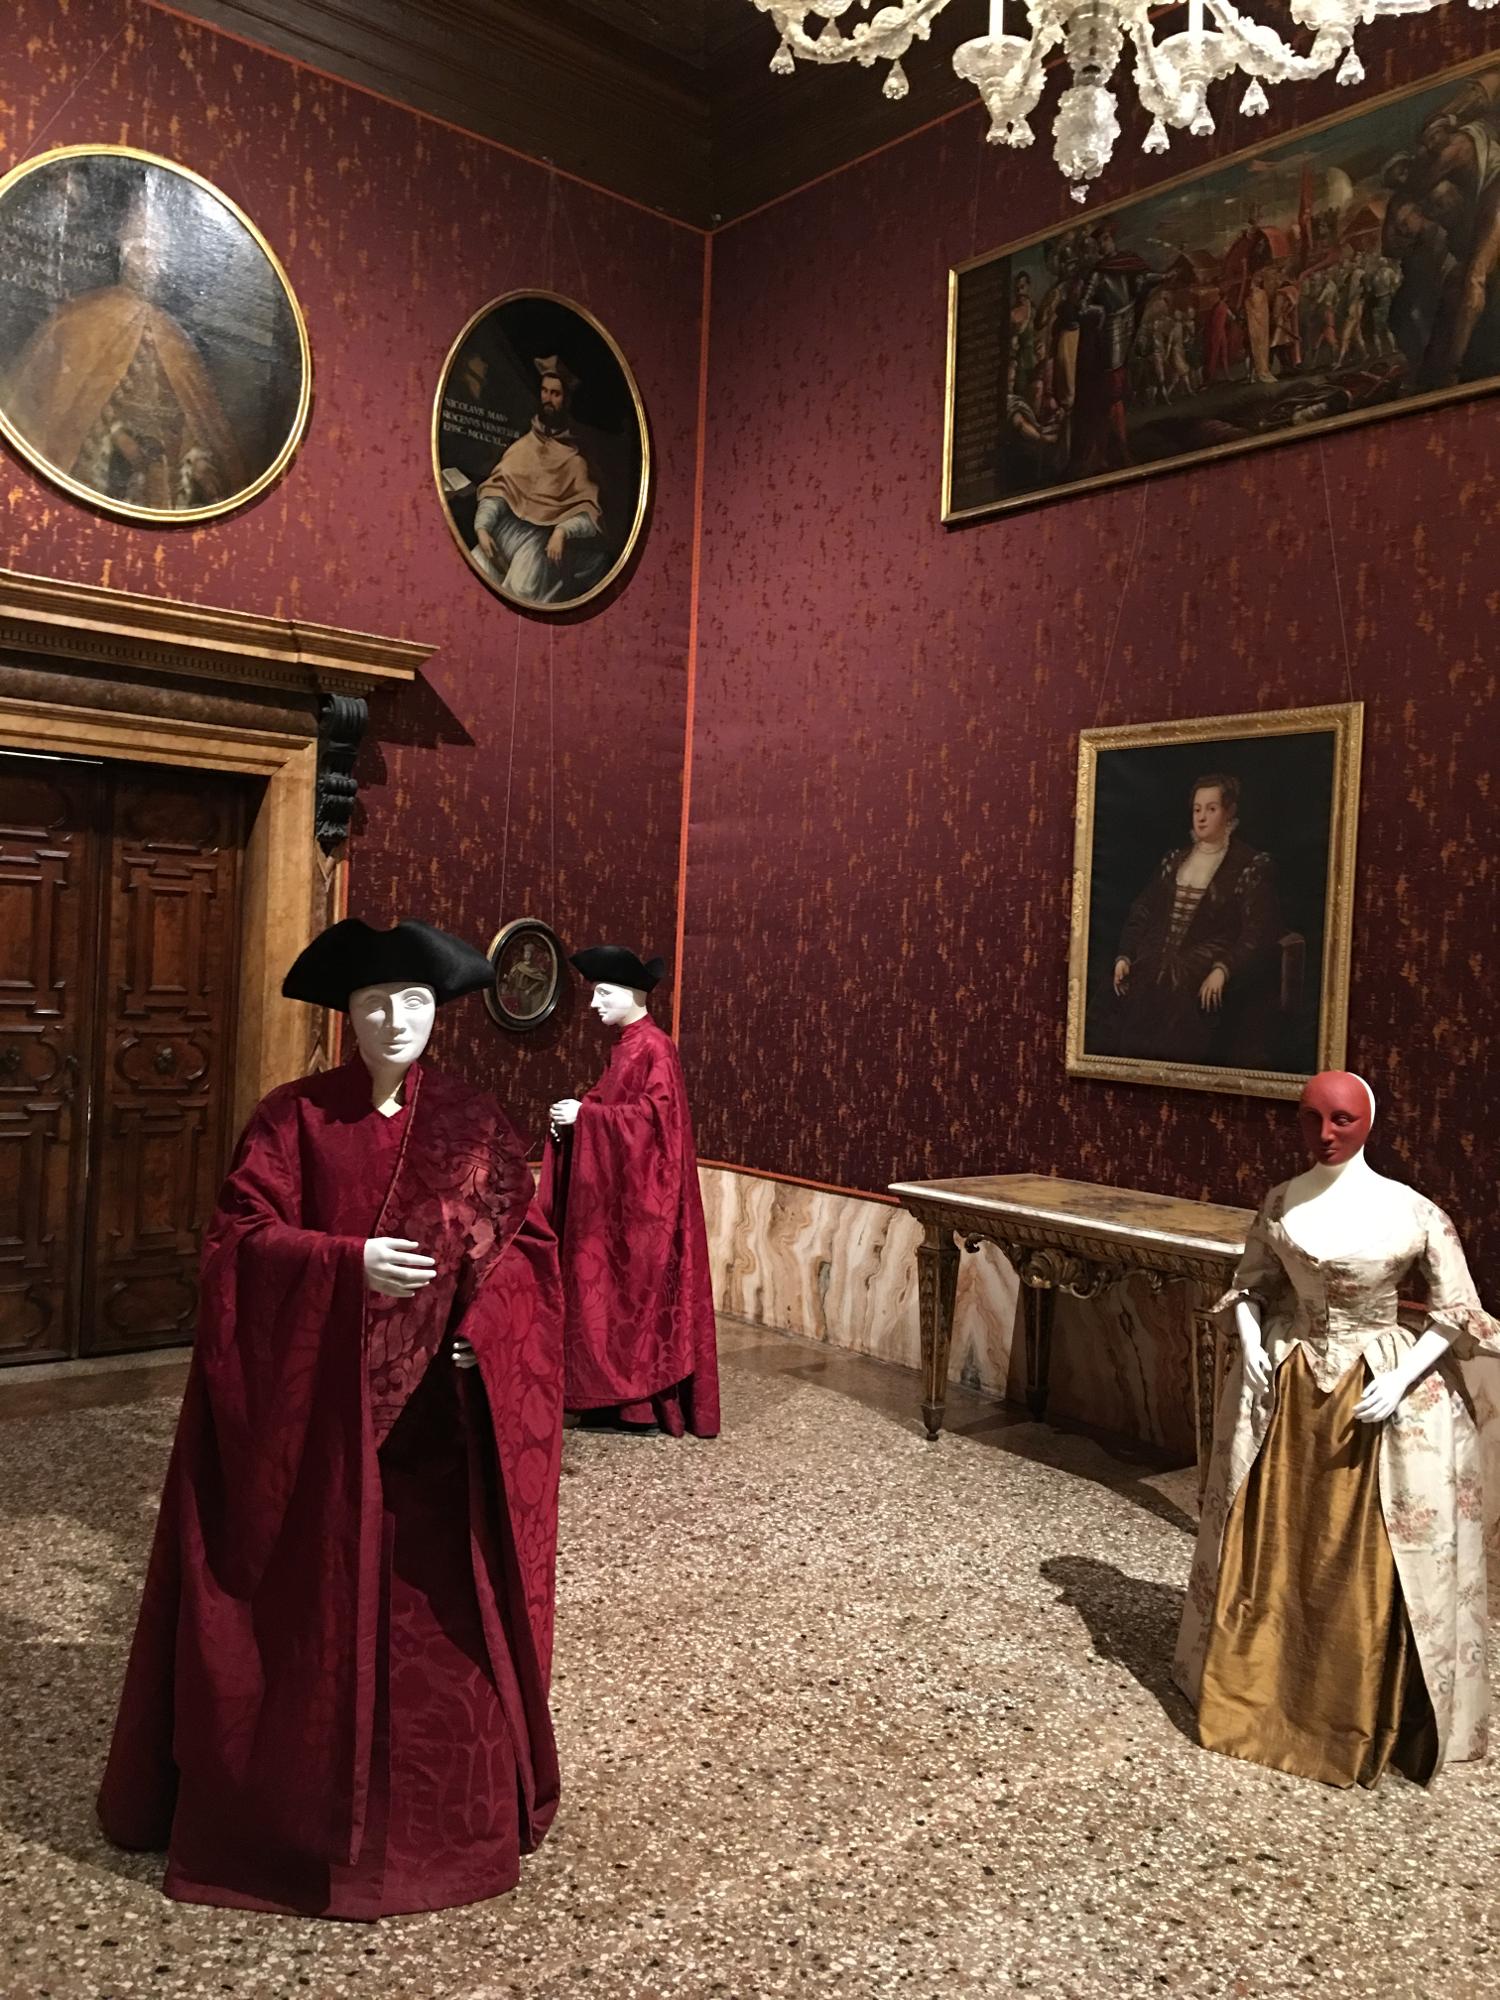 rocaille-blog-venezia-palazzo-mocenigo-museo-costume-37